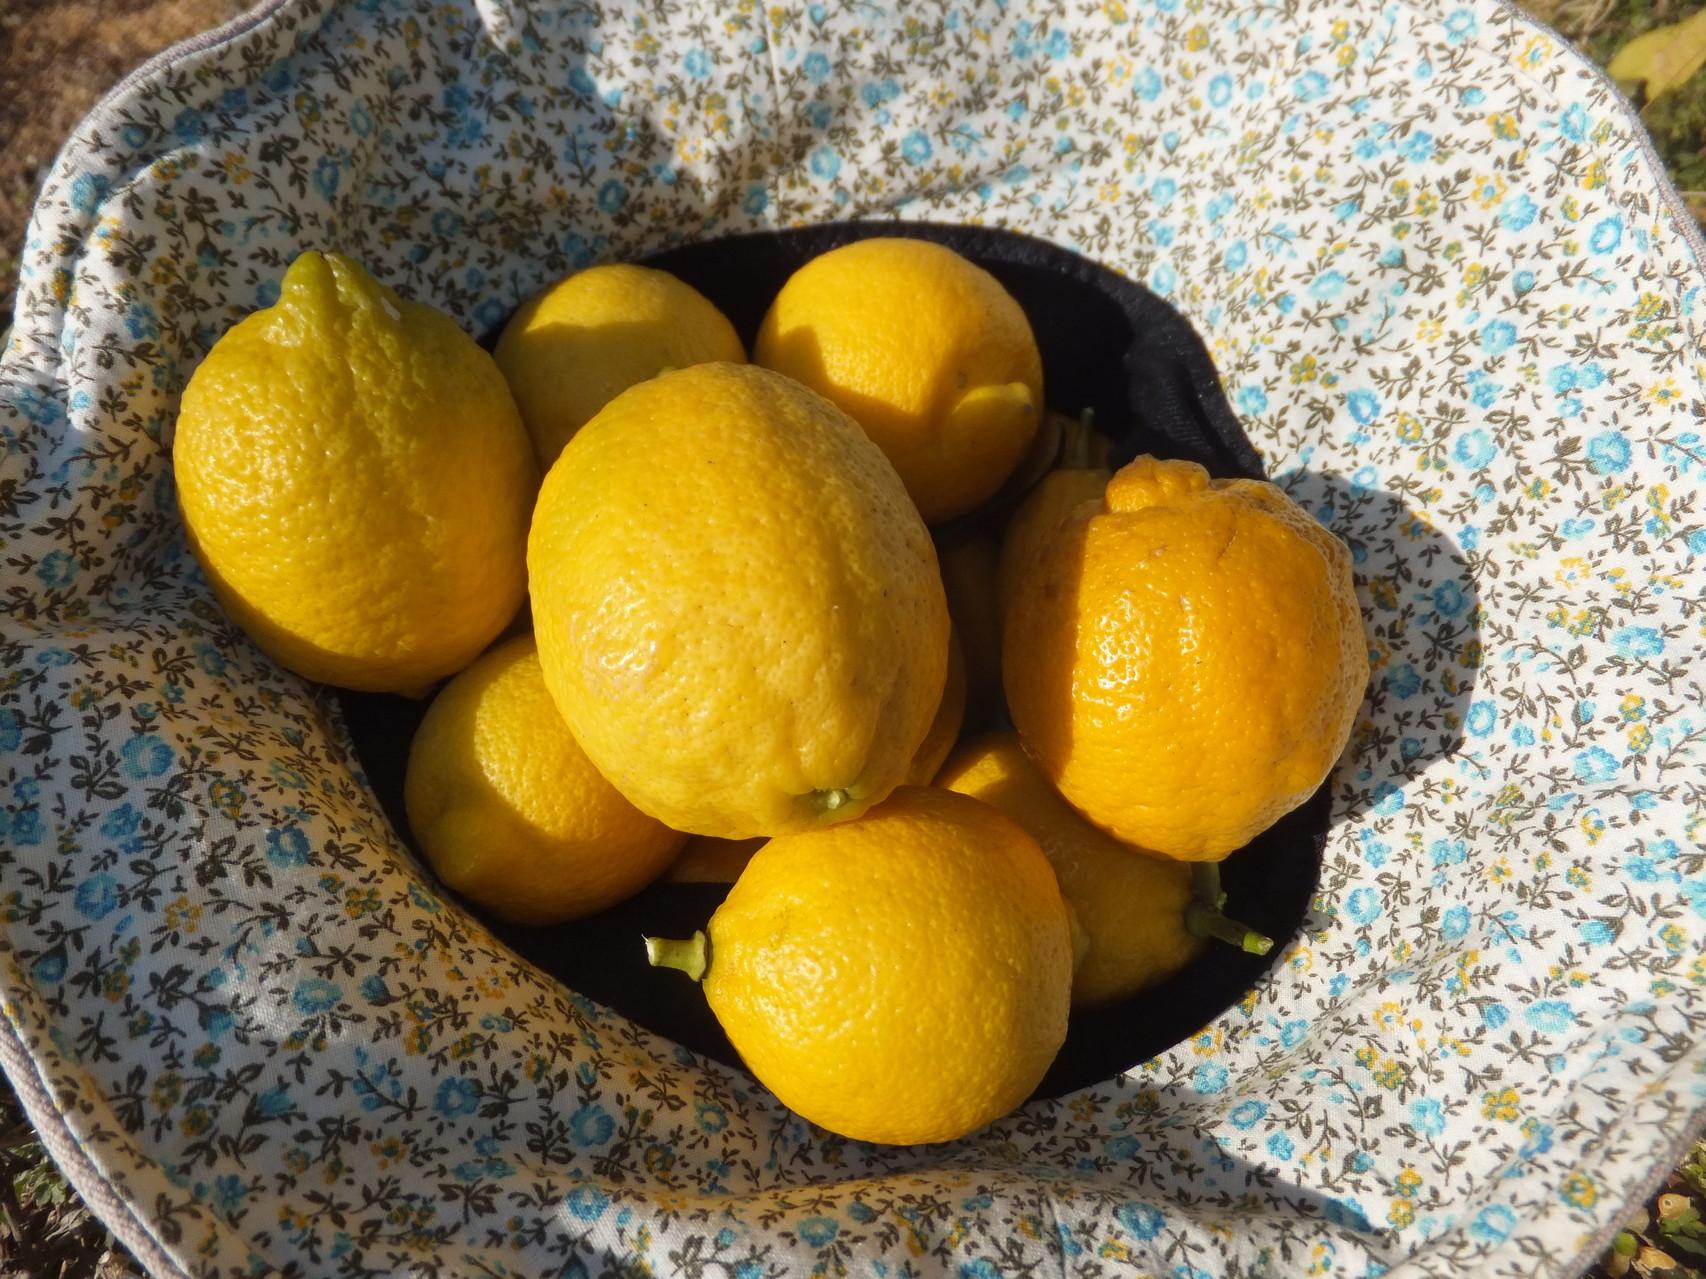 レモンも採ってきました